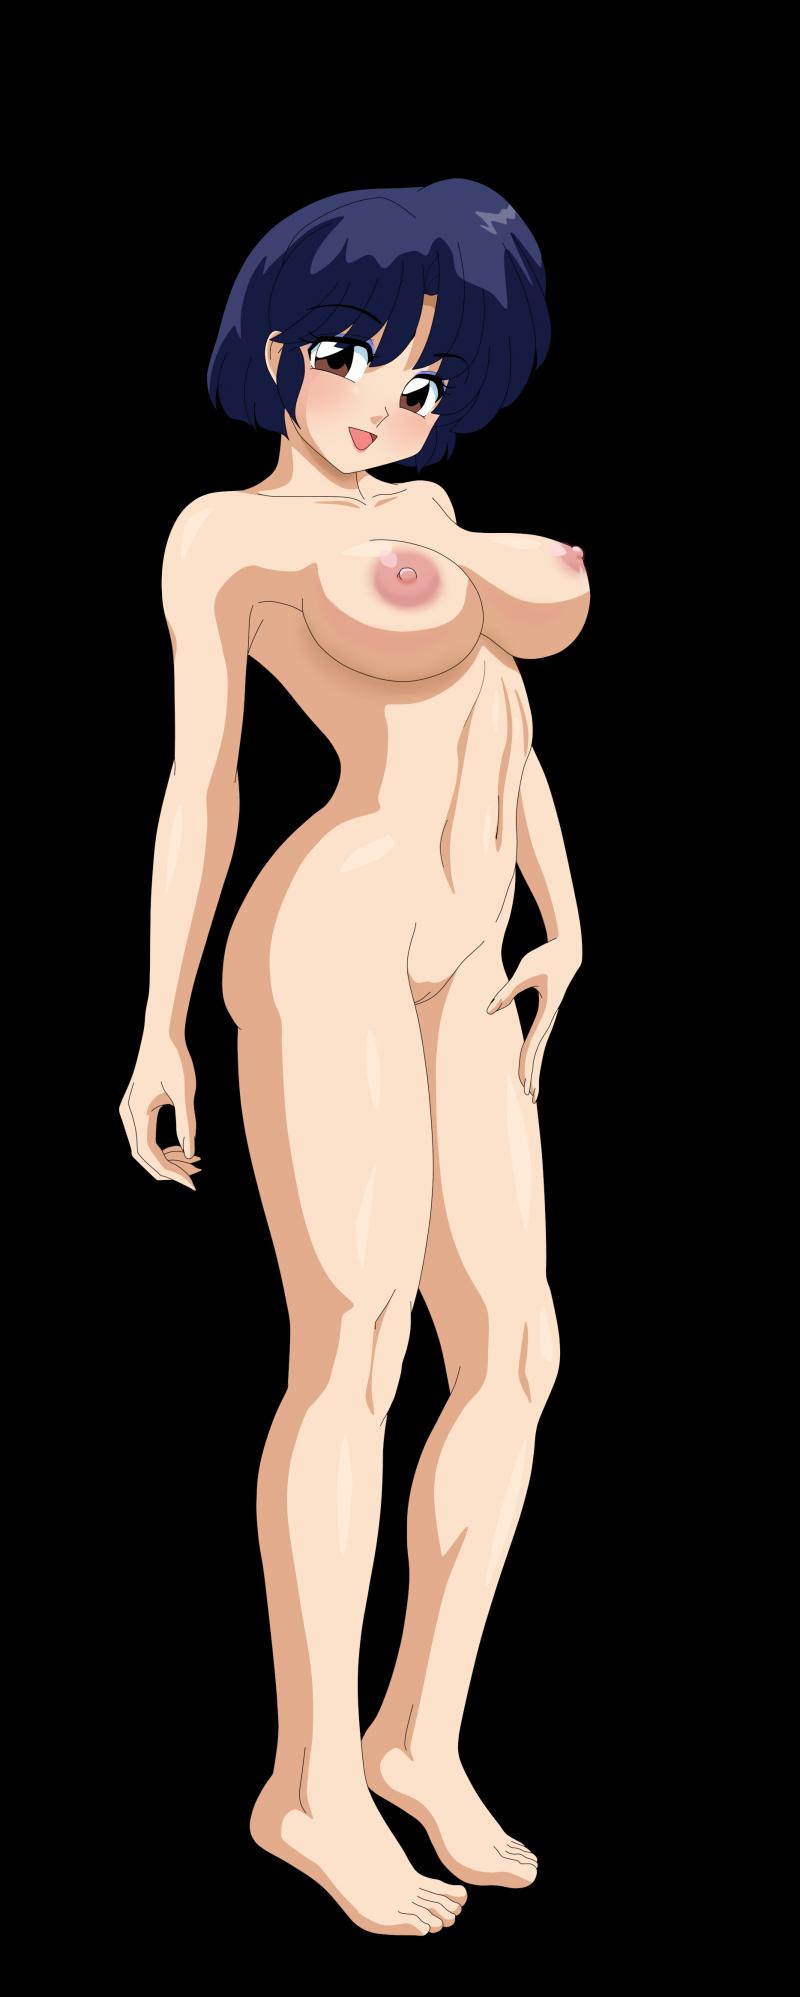 Doujinshi Ranma Hentai